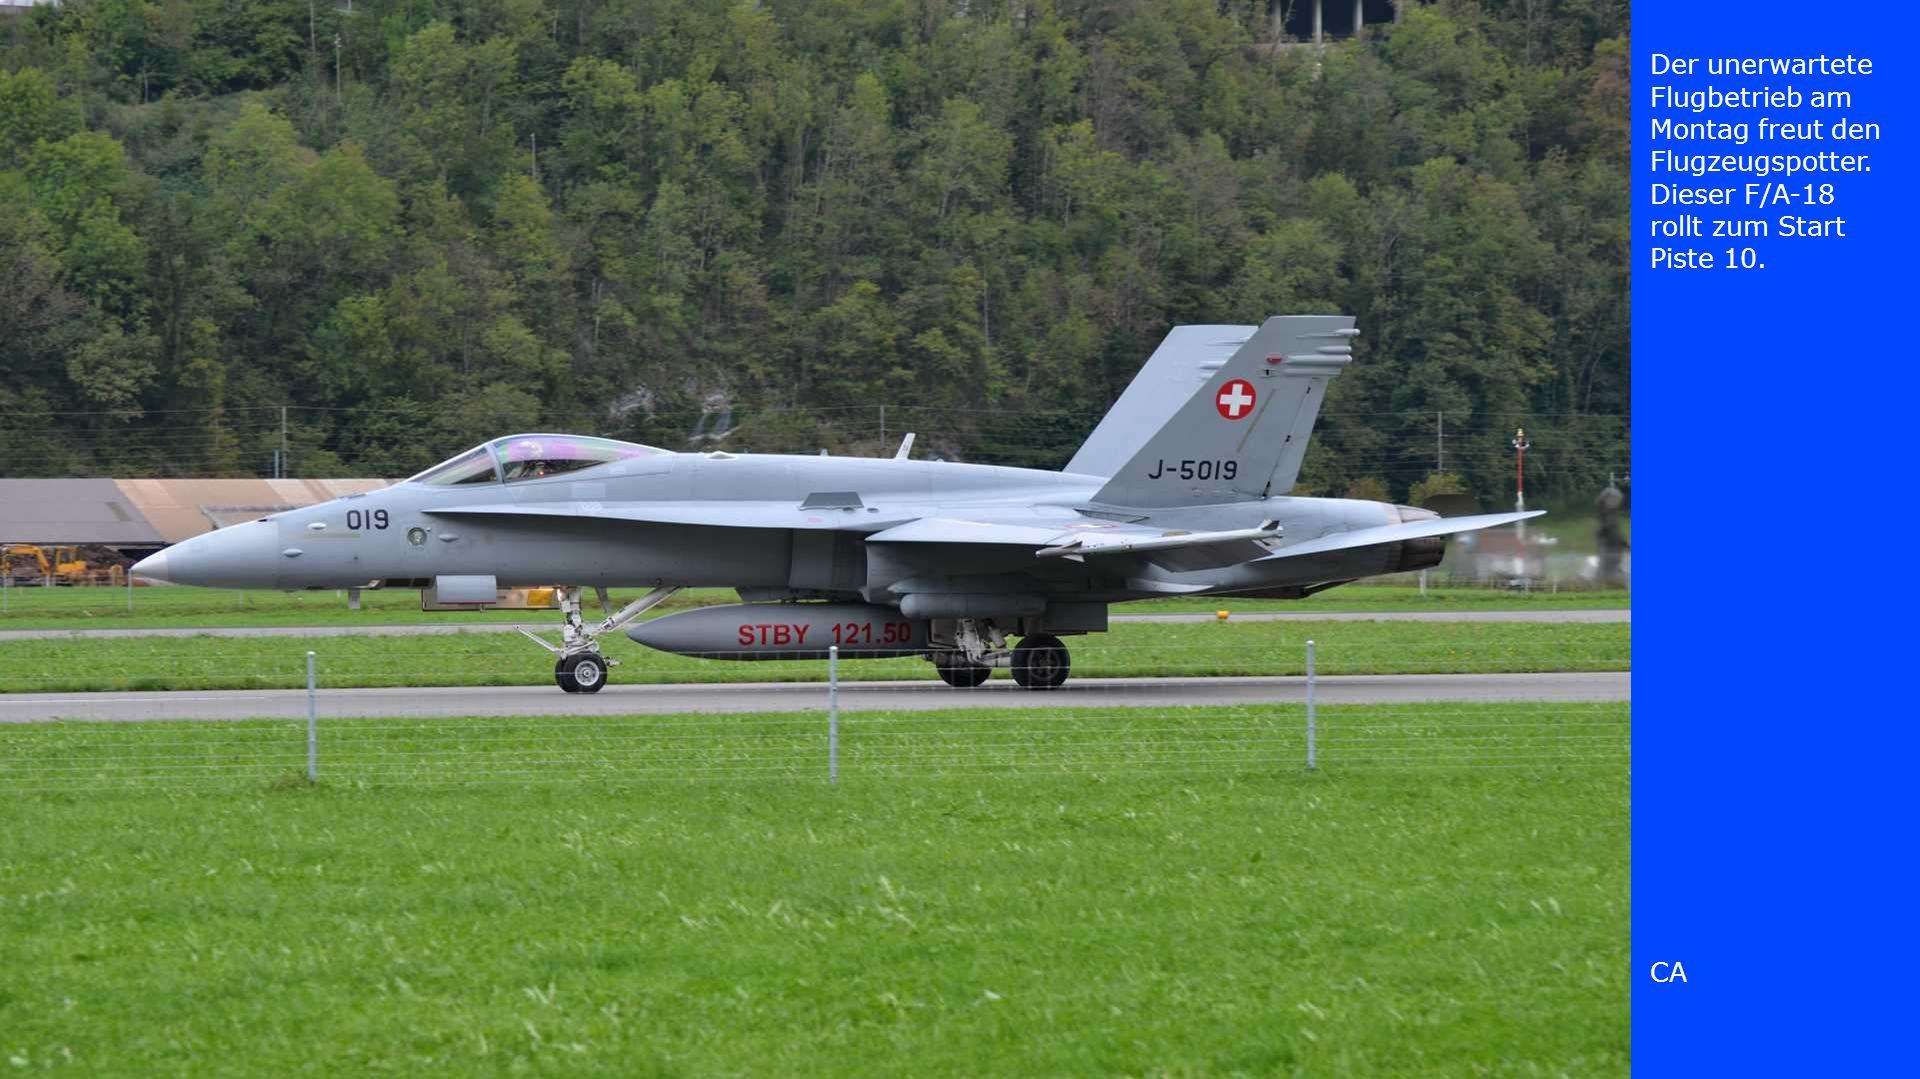 Der unerwartete Flugbetrieb am Montag freut den Flugzeugspotter. Dieser F/A-18 rollt zum Start Piste 10. CA